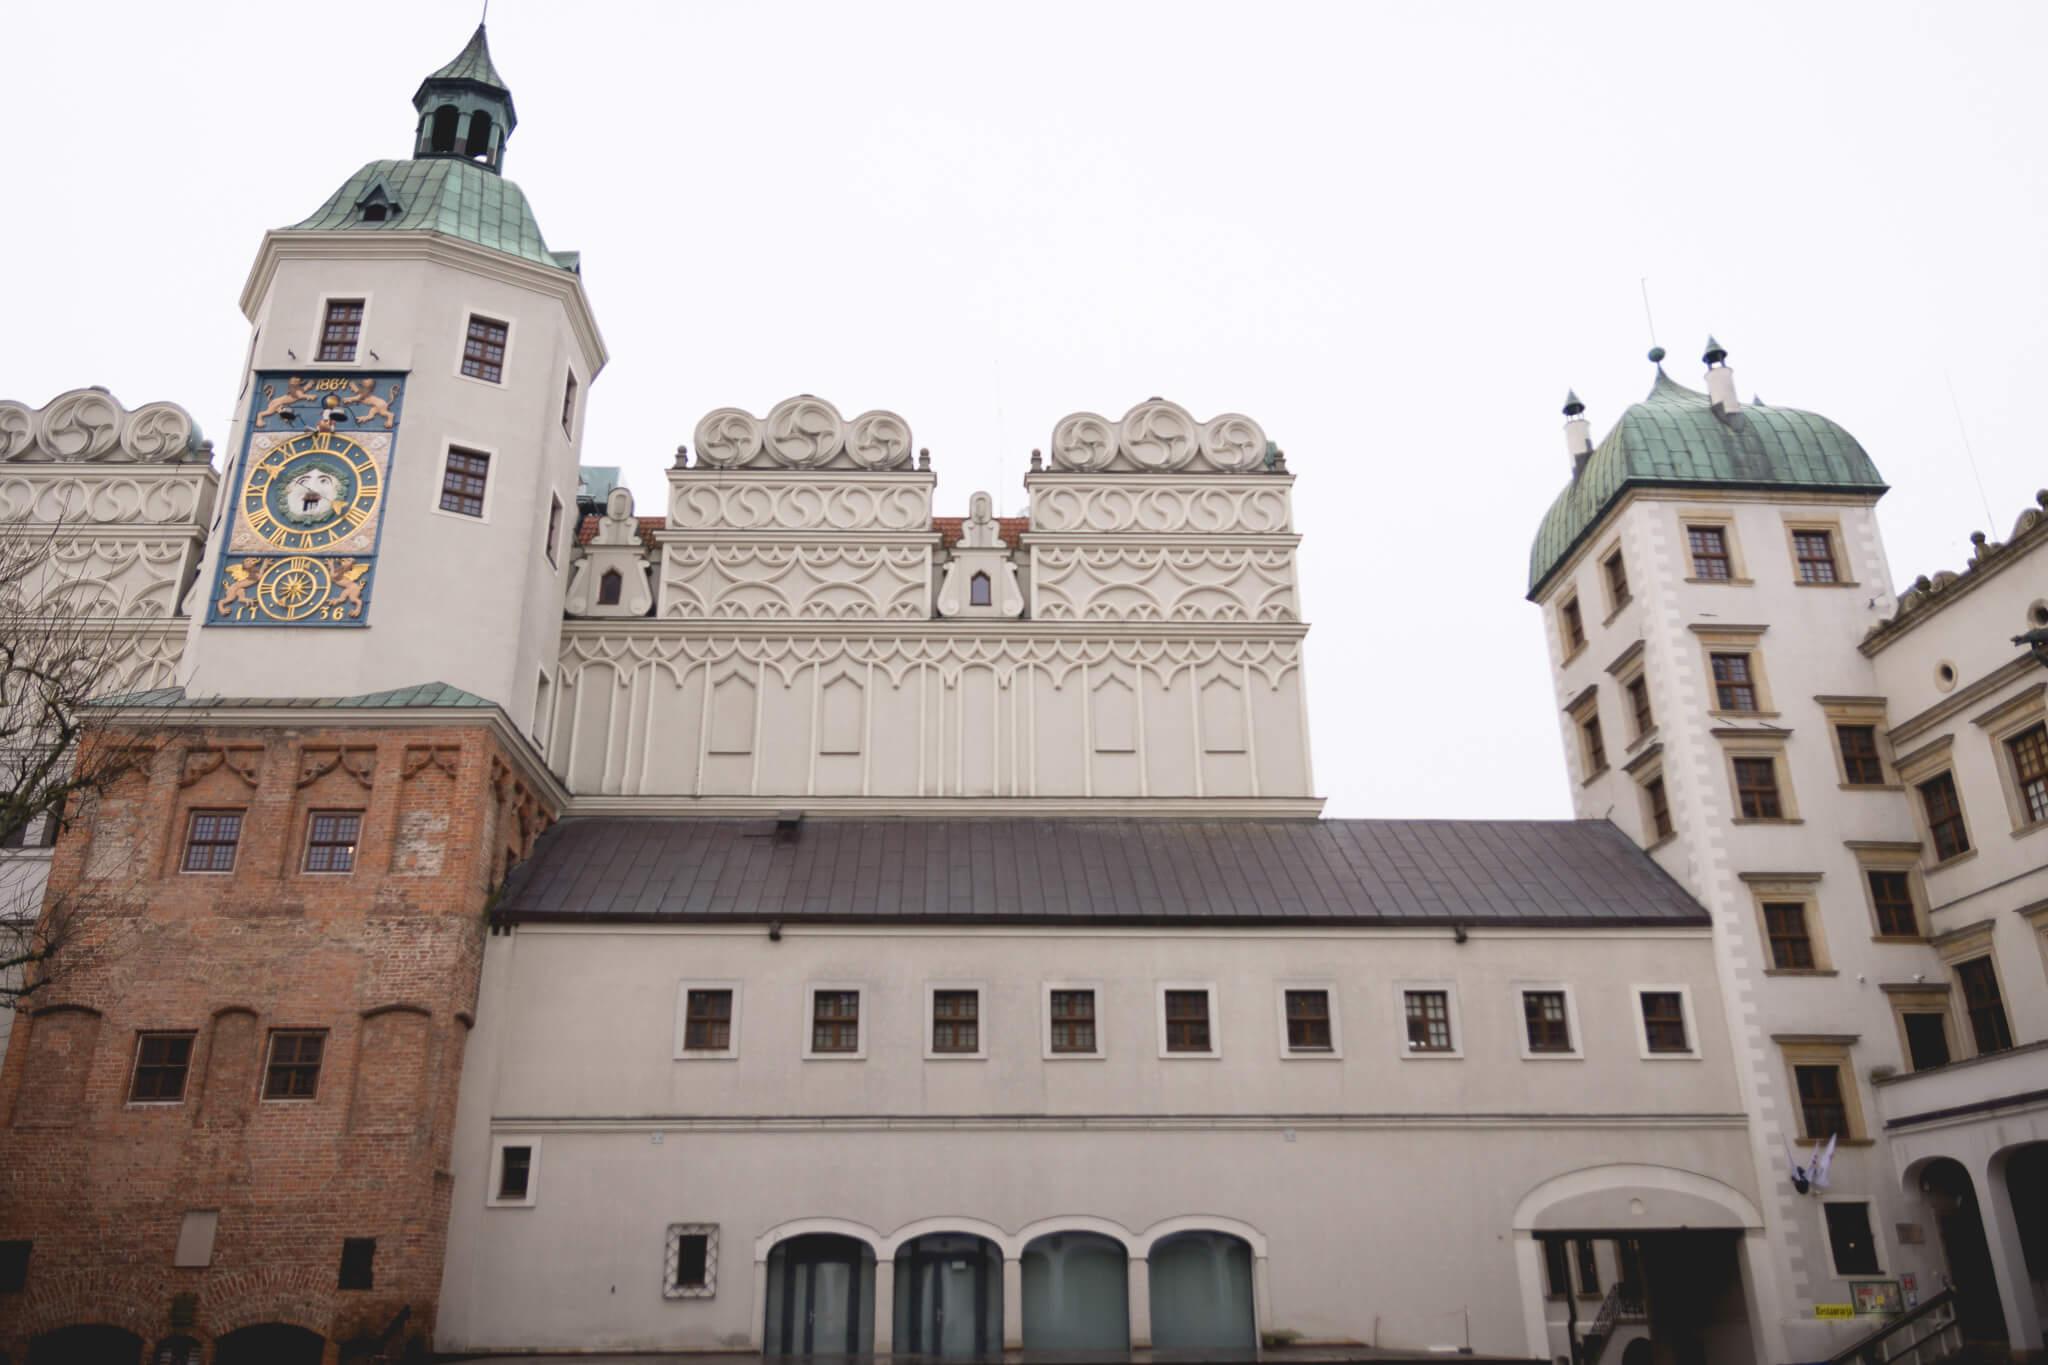 Zamek Książąt Pomorskich Szczecin